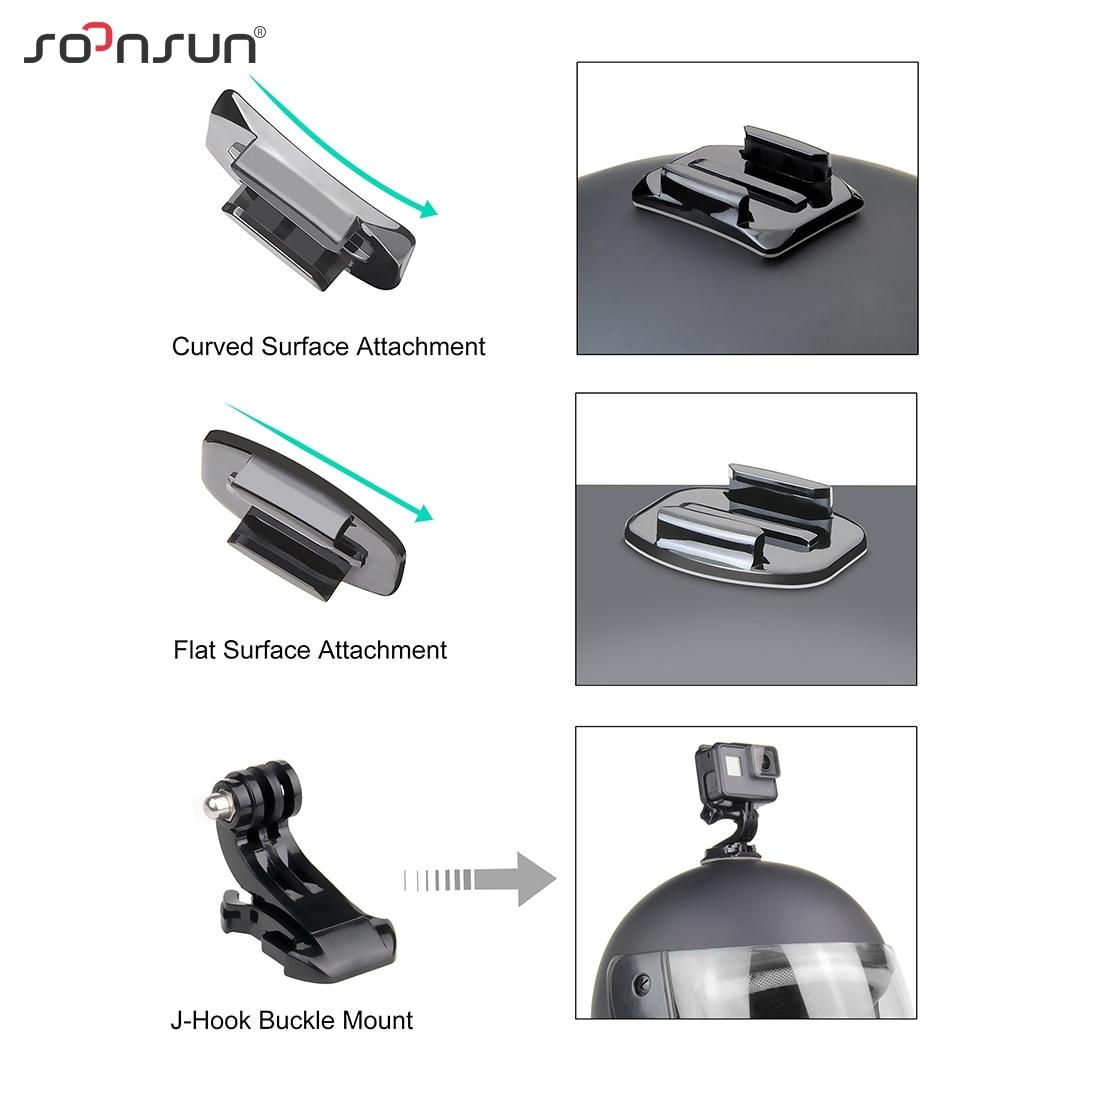 מנשא קידמי לקסדה עבור מצלמת אקסטרים וספוג אוטם רעשי רקע SOONSUN 4